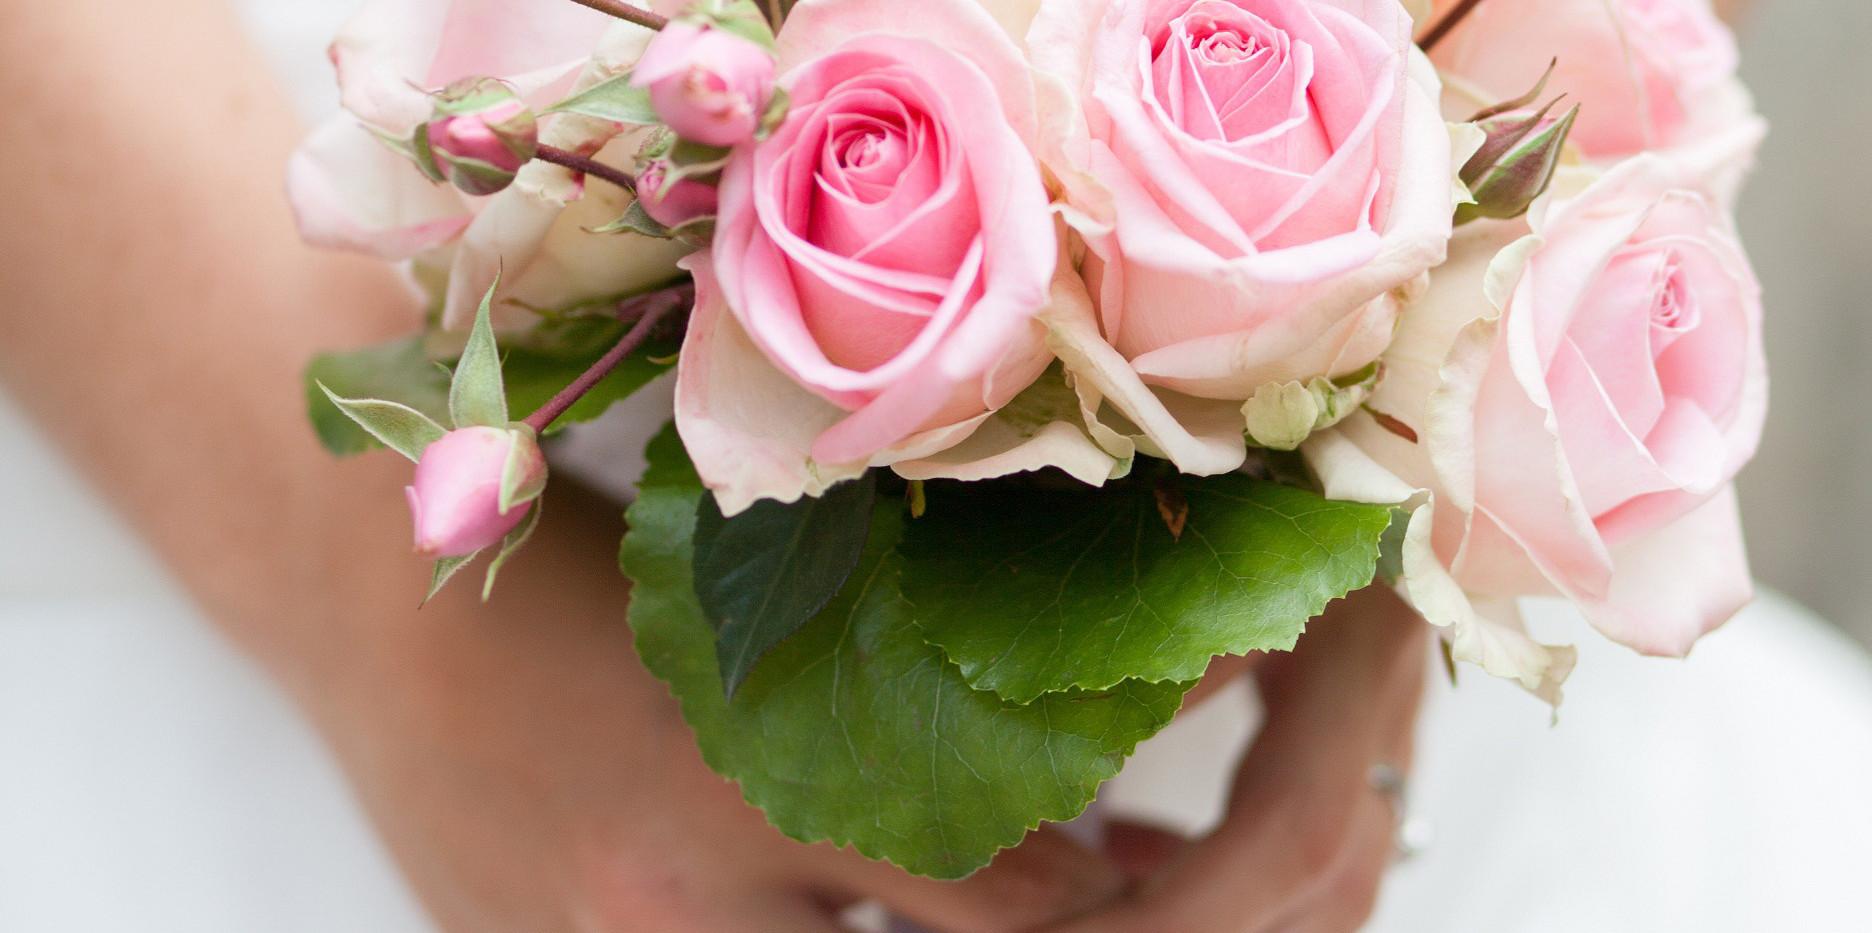 bruidsboeket 3kopie.jpg